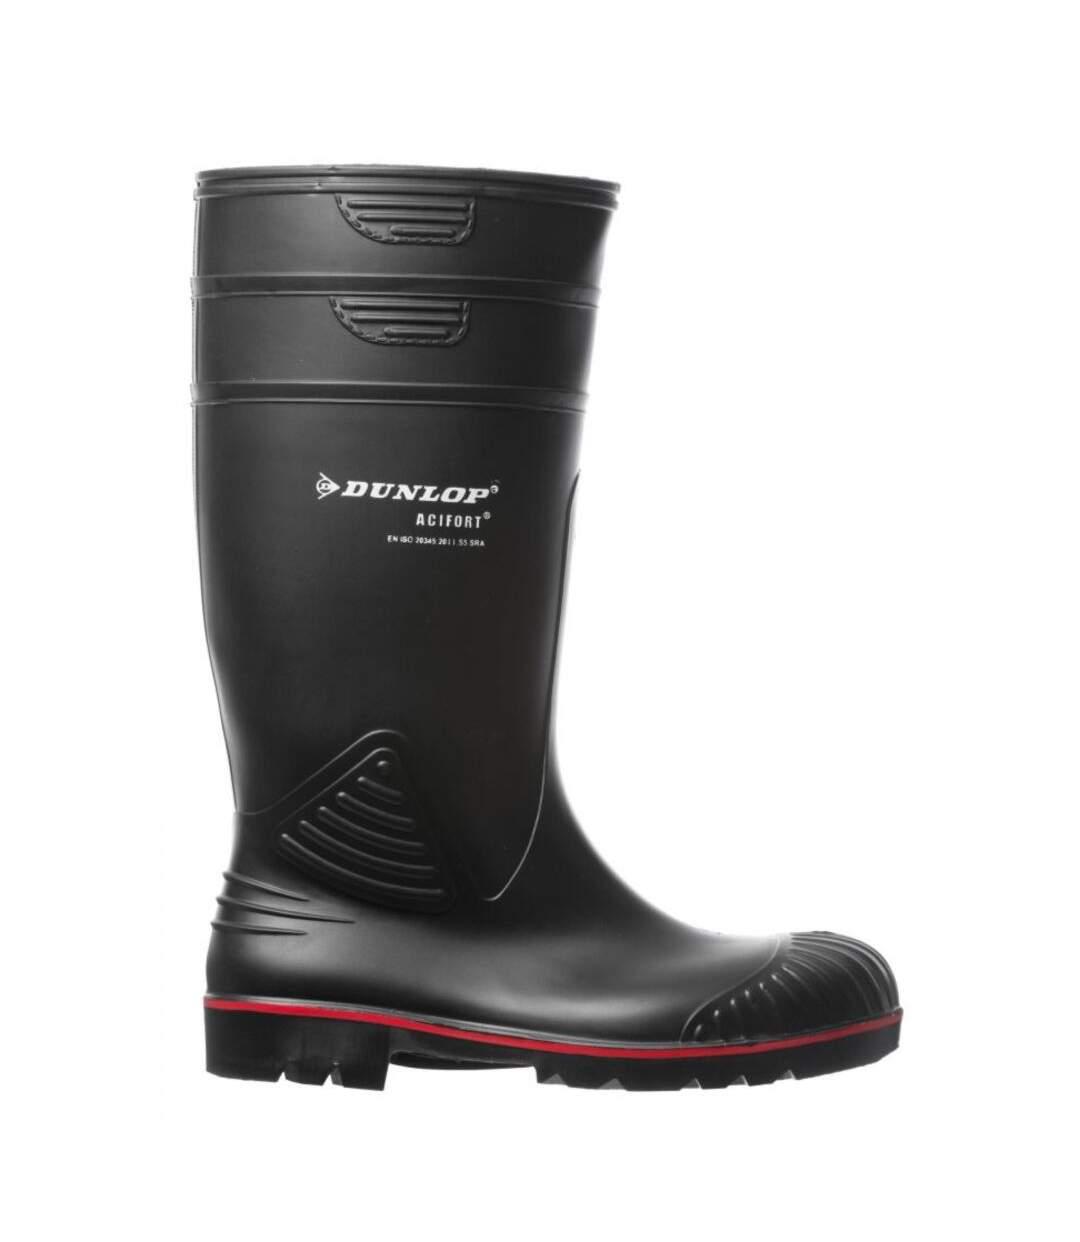 Grande Vente Botte de sécurité Dunlop Acifort S5 SRA-NOIR-47 dsf.d455nksdKLFHG